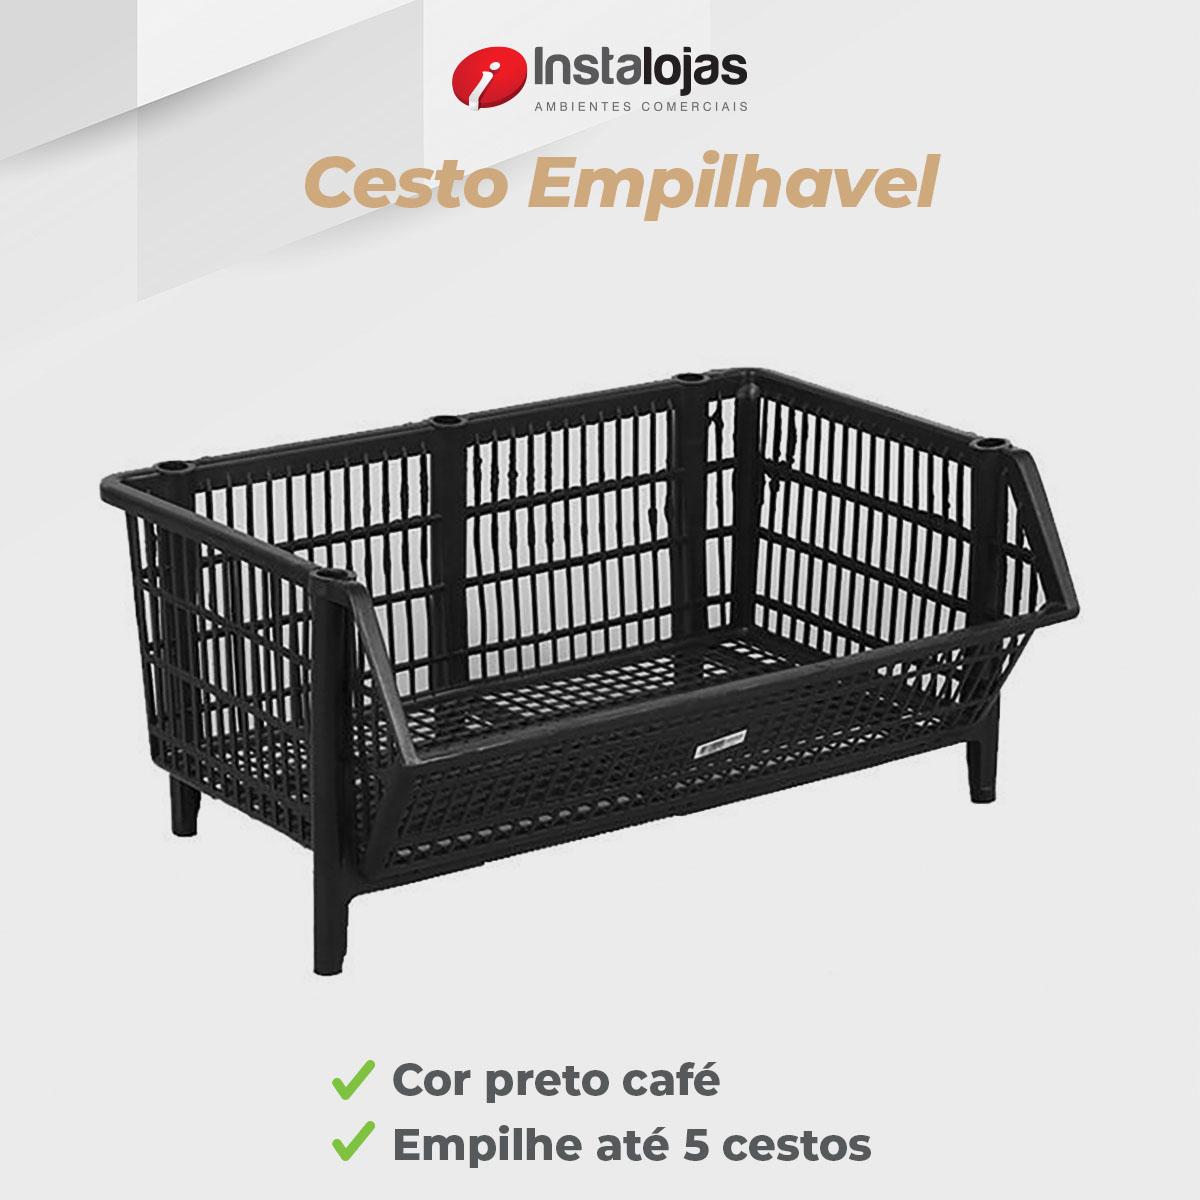 Cesto Empilhável 30x70x50cm - 3 Unidades